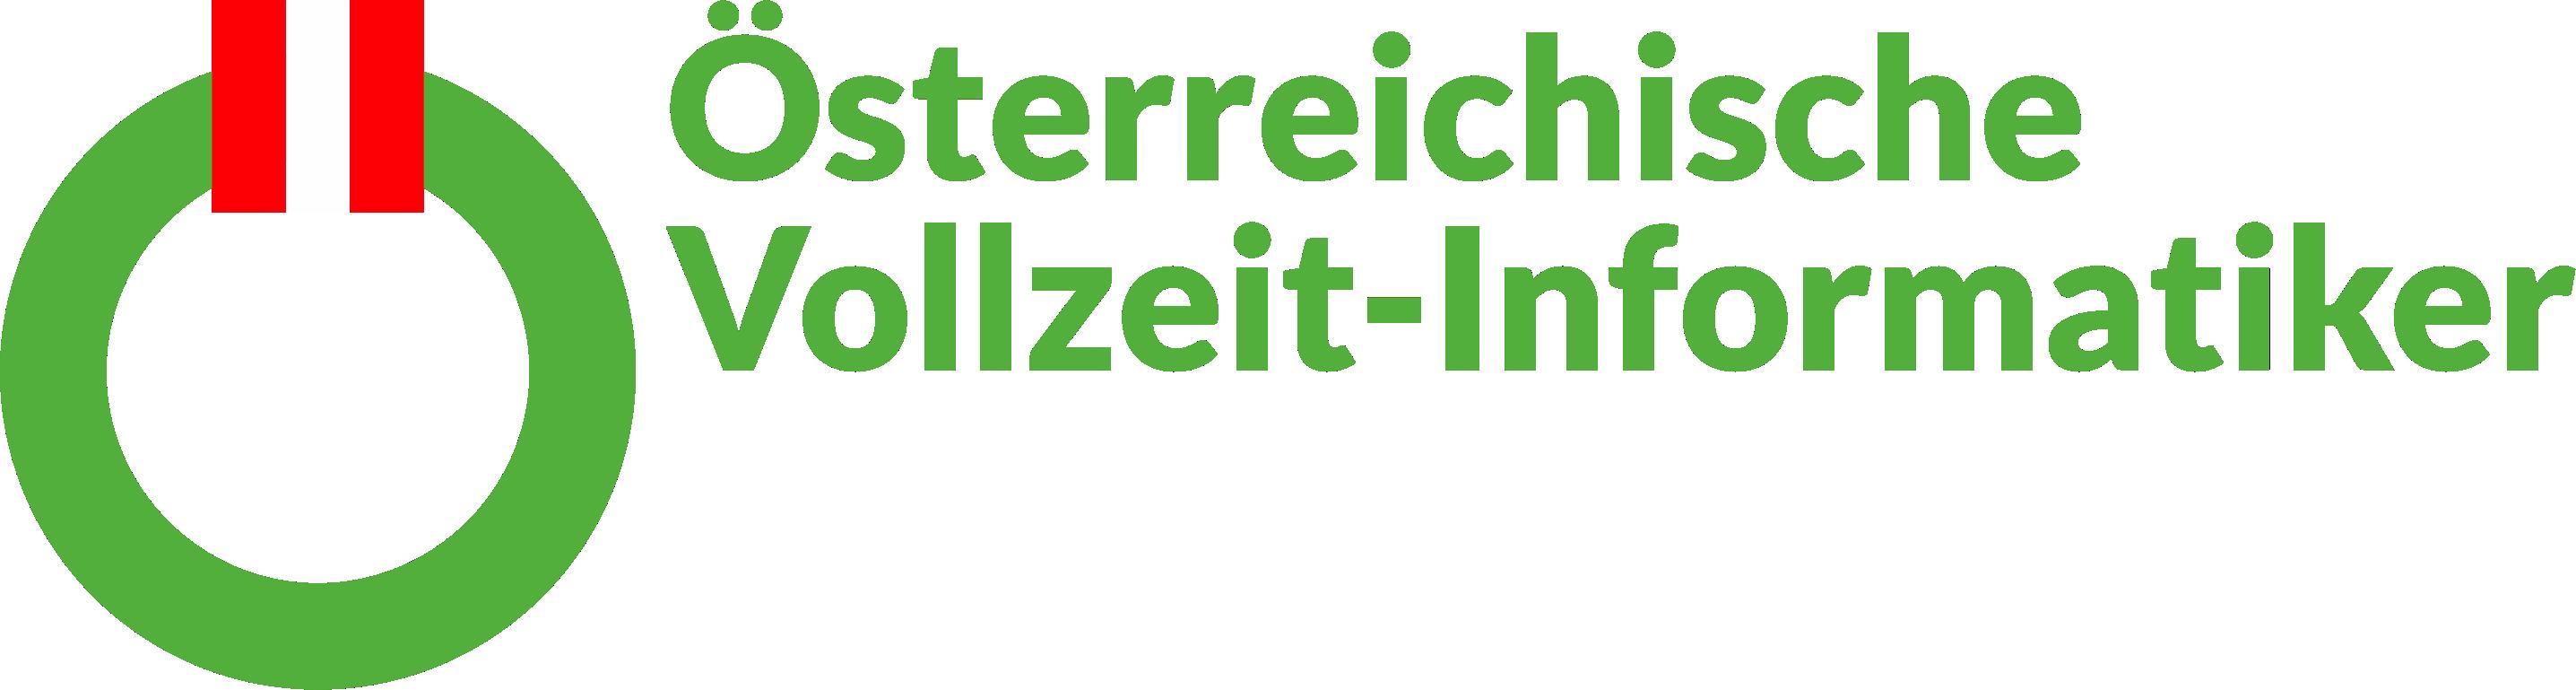 Österreichische Vollzeit-Informatiker